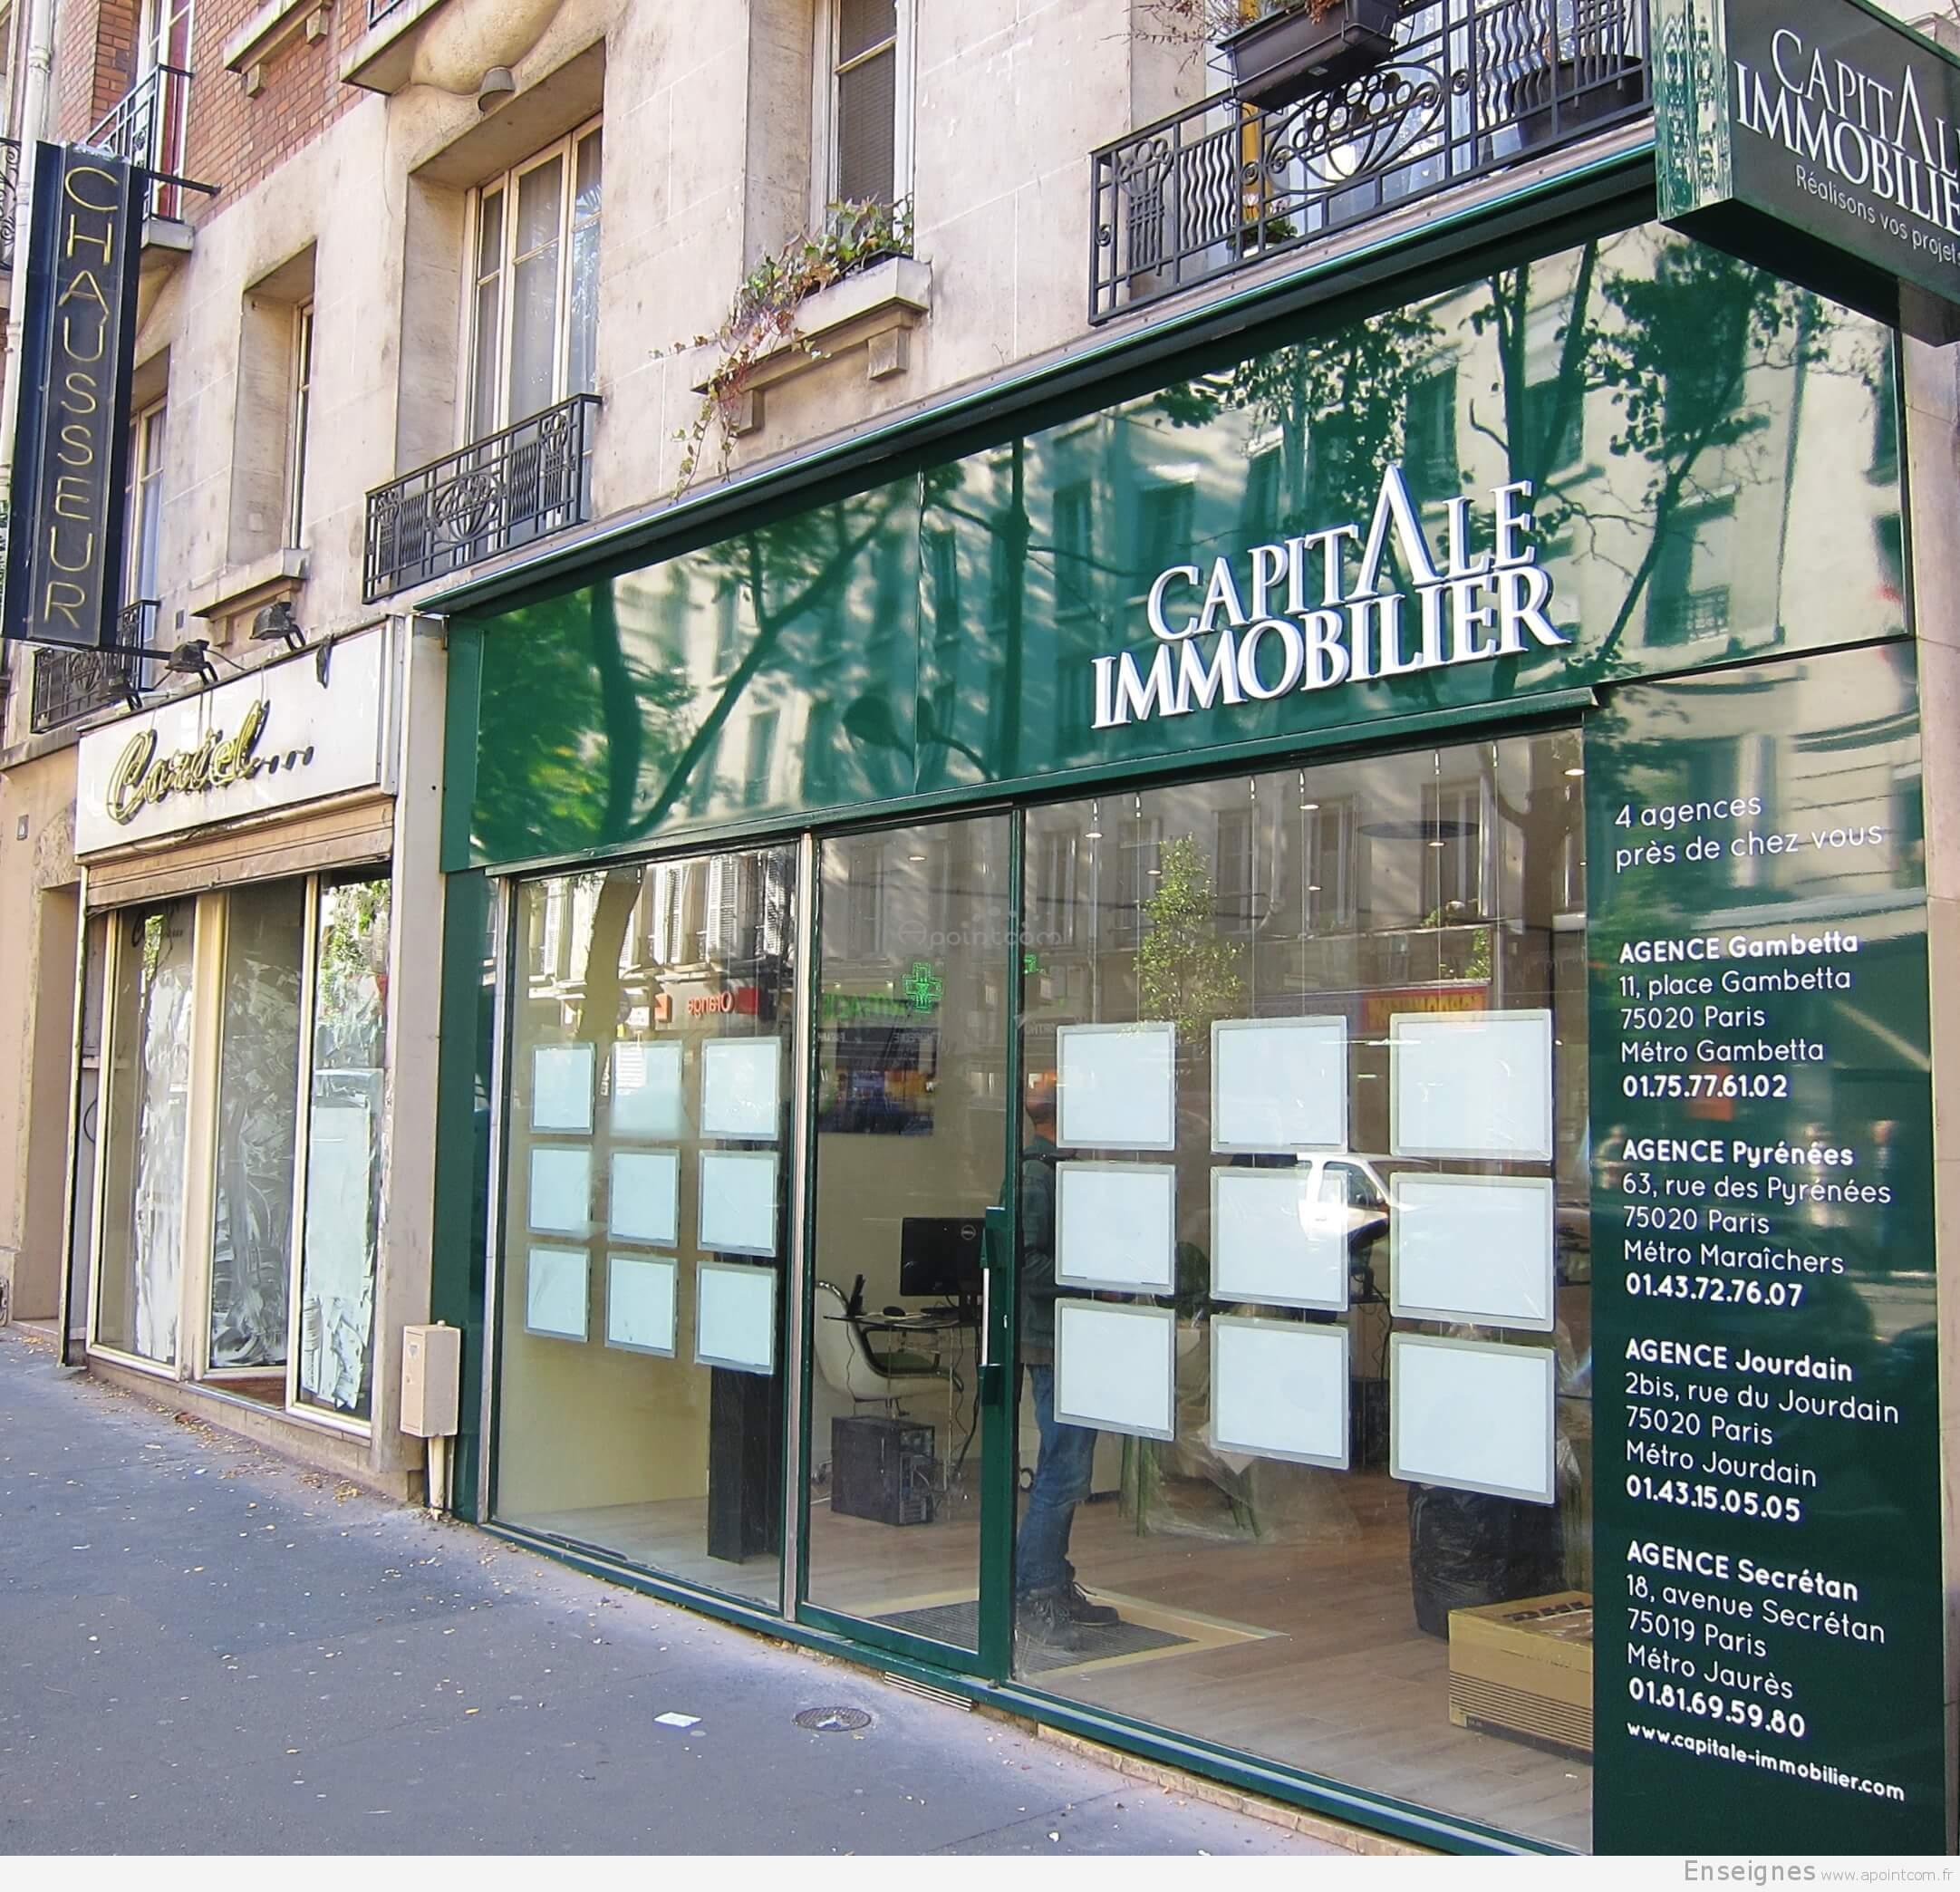 Enseigne Agence Immobilière à Paris (Capital Immobilier